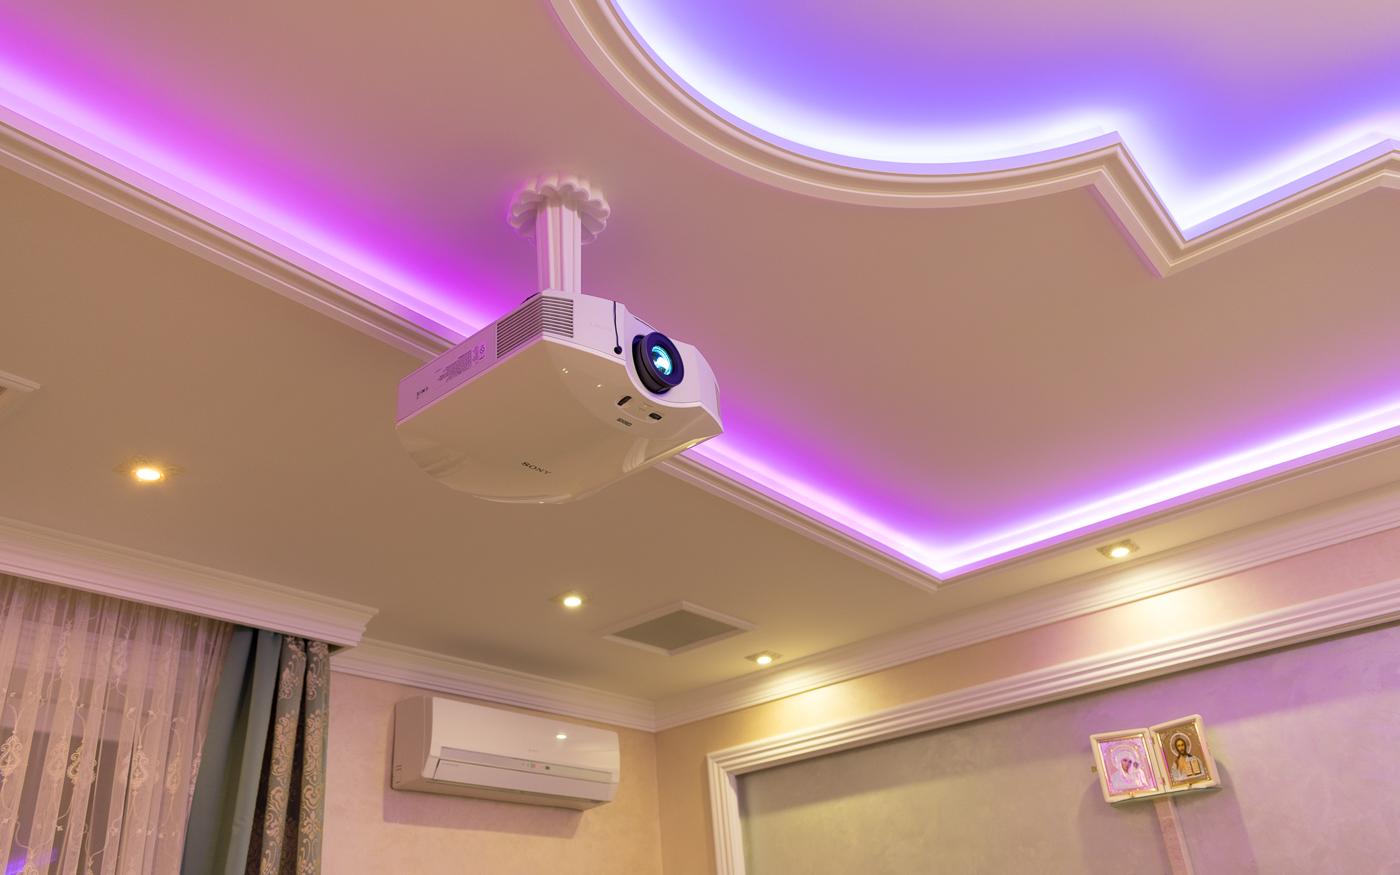 Проектор Sony VPL-HW65 смонтирован на потолке с использованием элементов декора